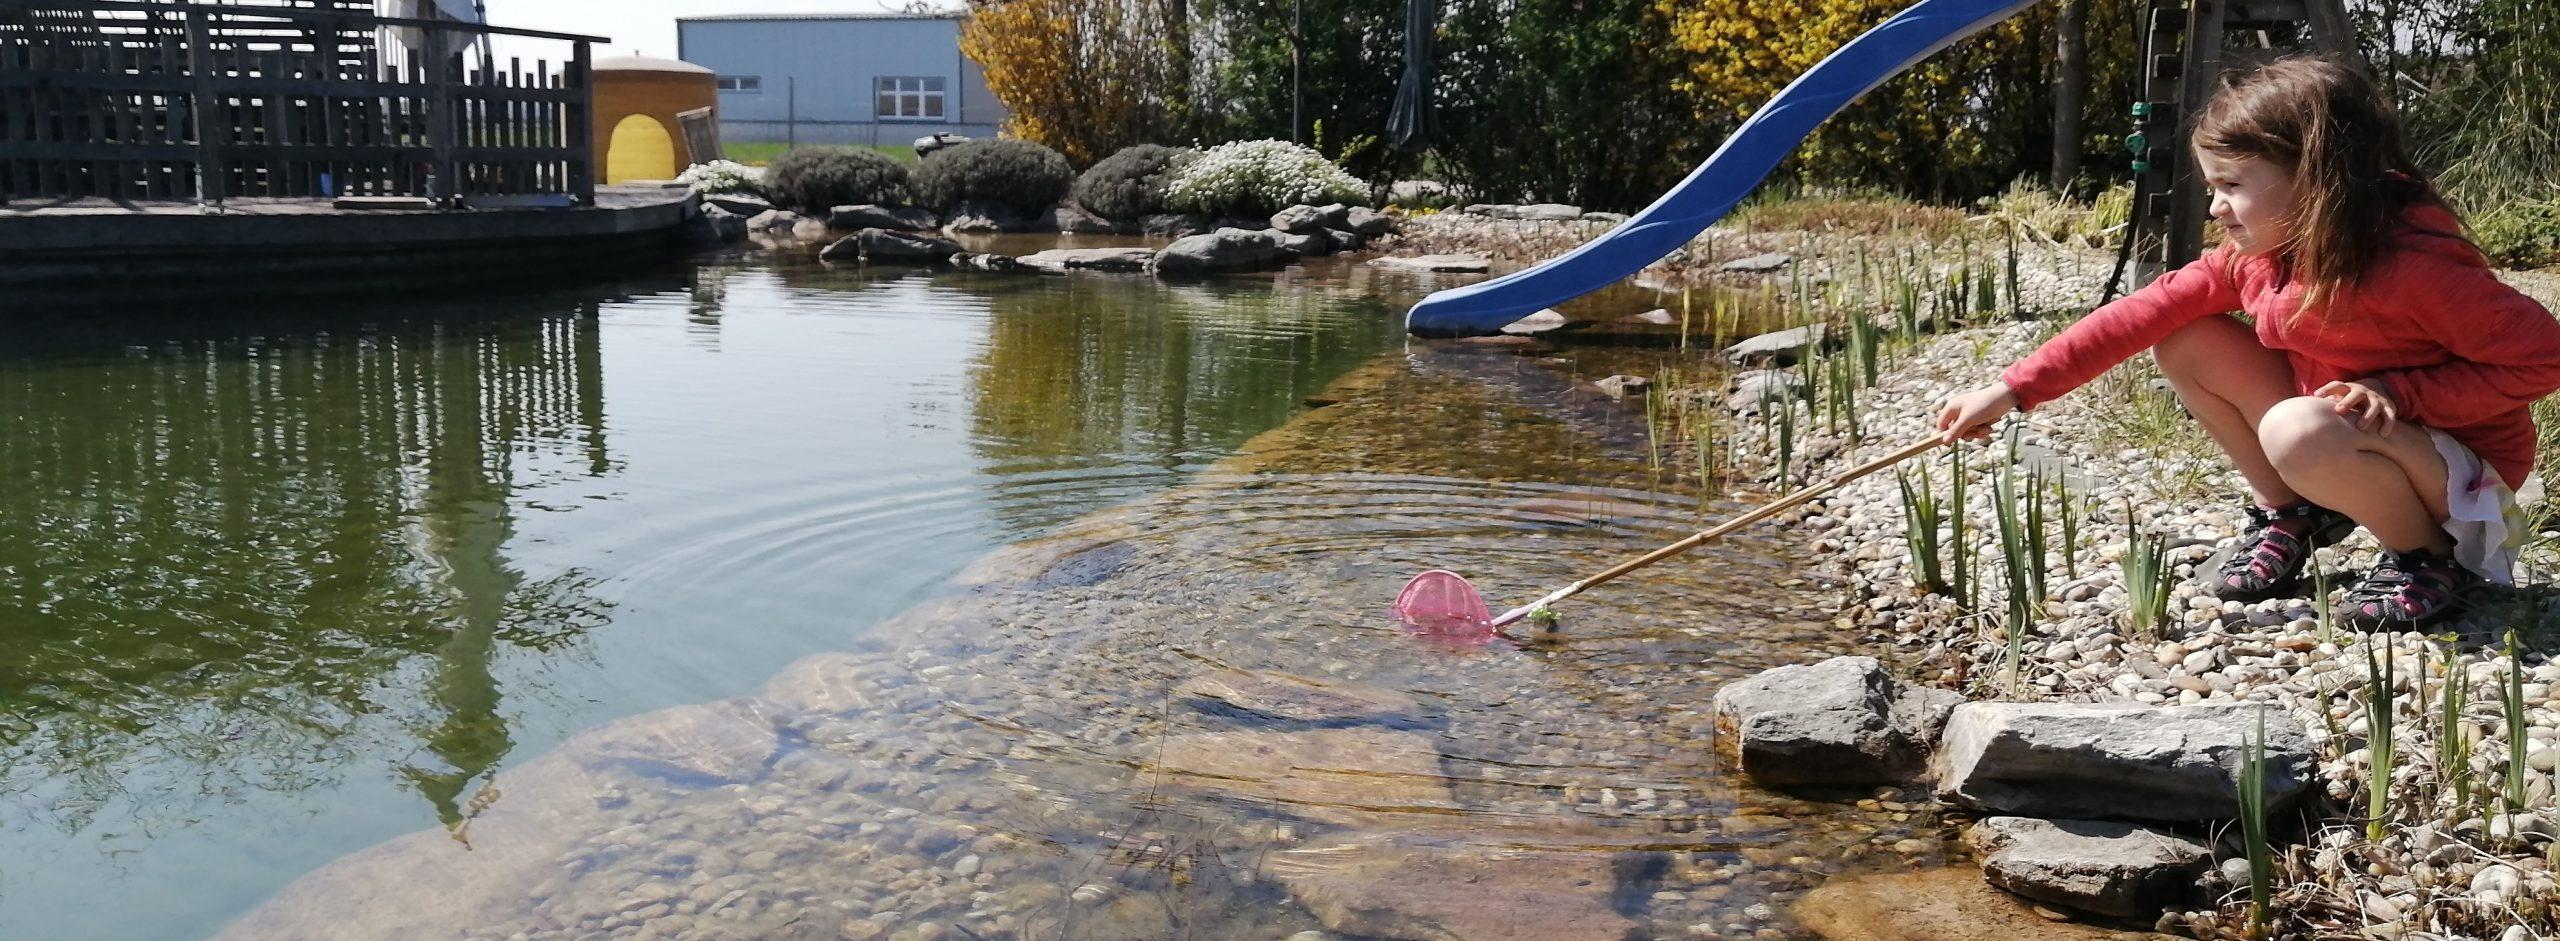 Schwimmteich – Erholungsraum für Mensch und Tier